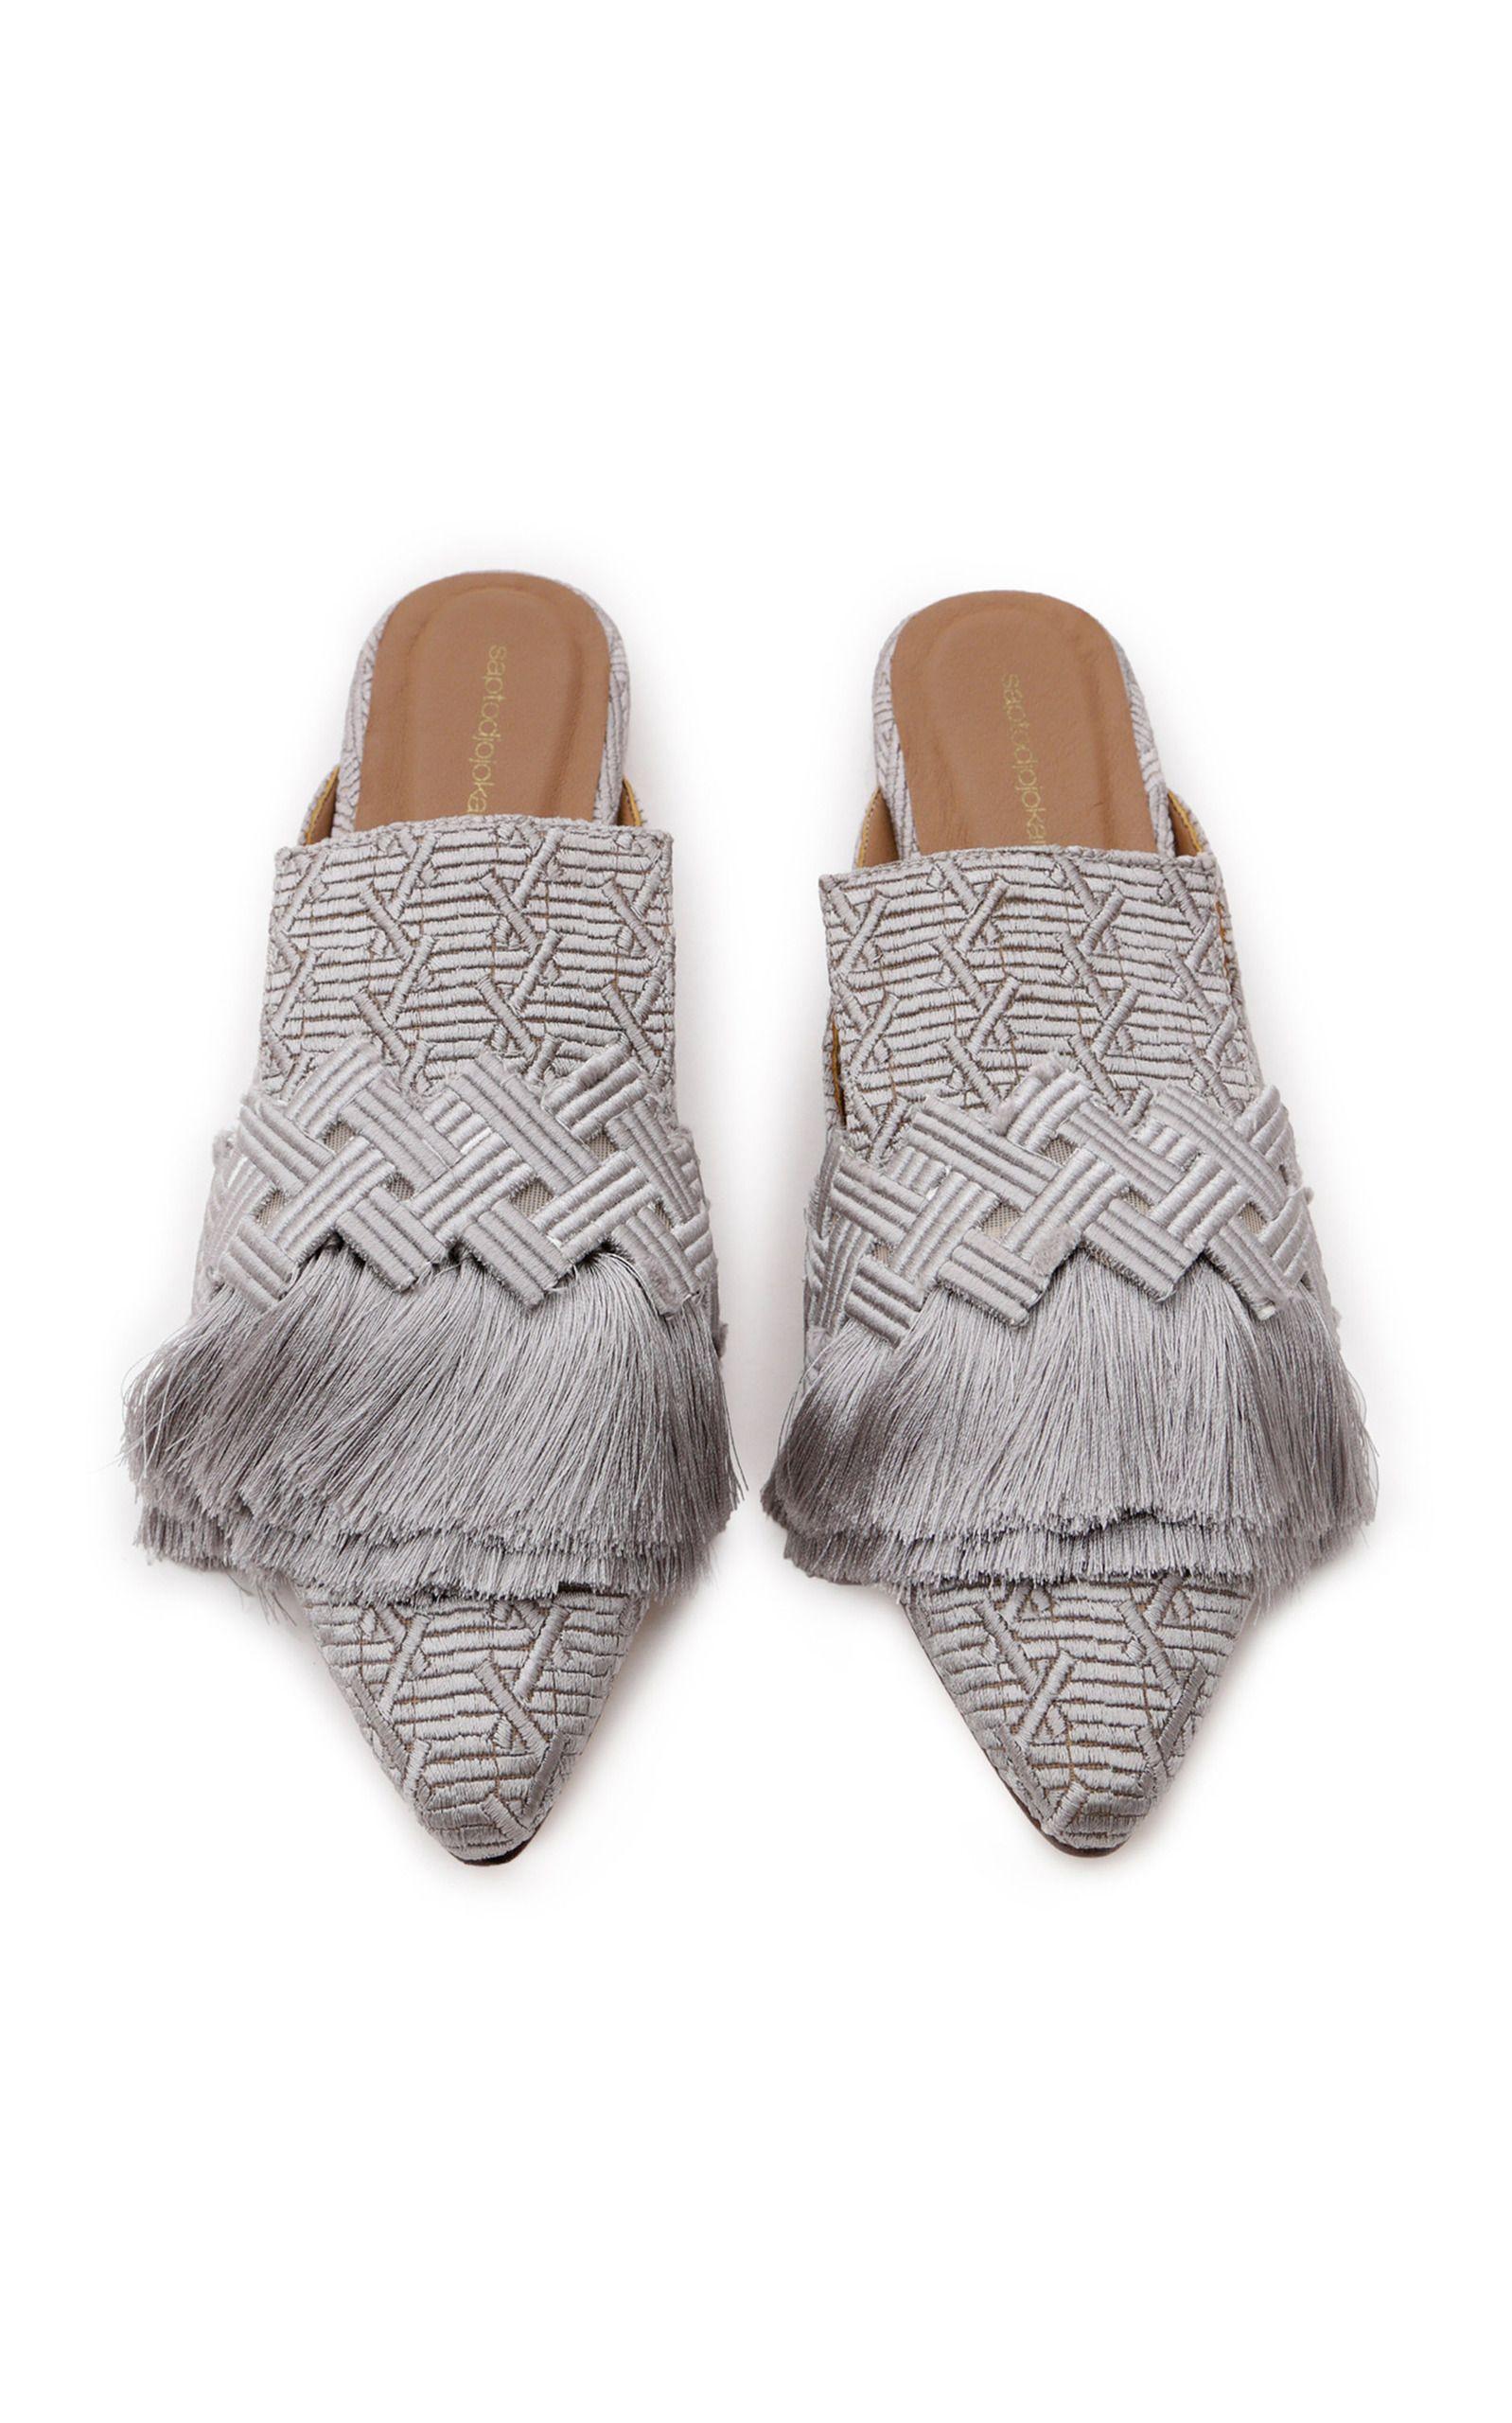 Saptodjojokartiko Tassel Mule I Dream Of Shoes Lots Lots Of